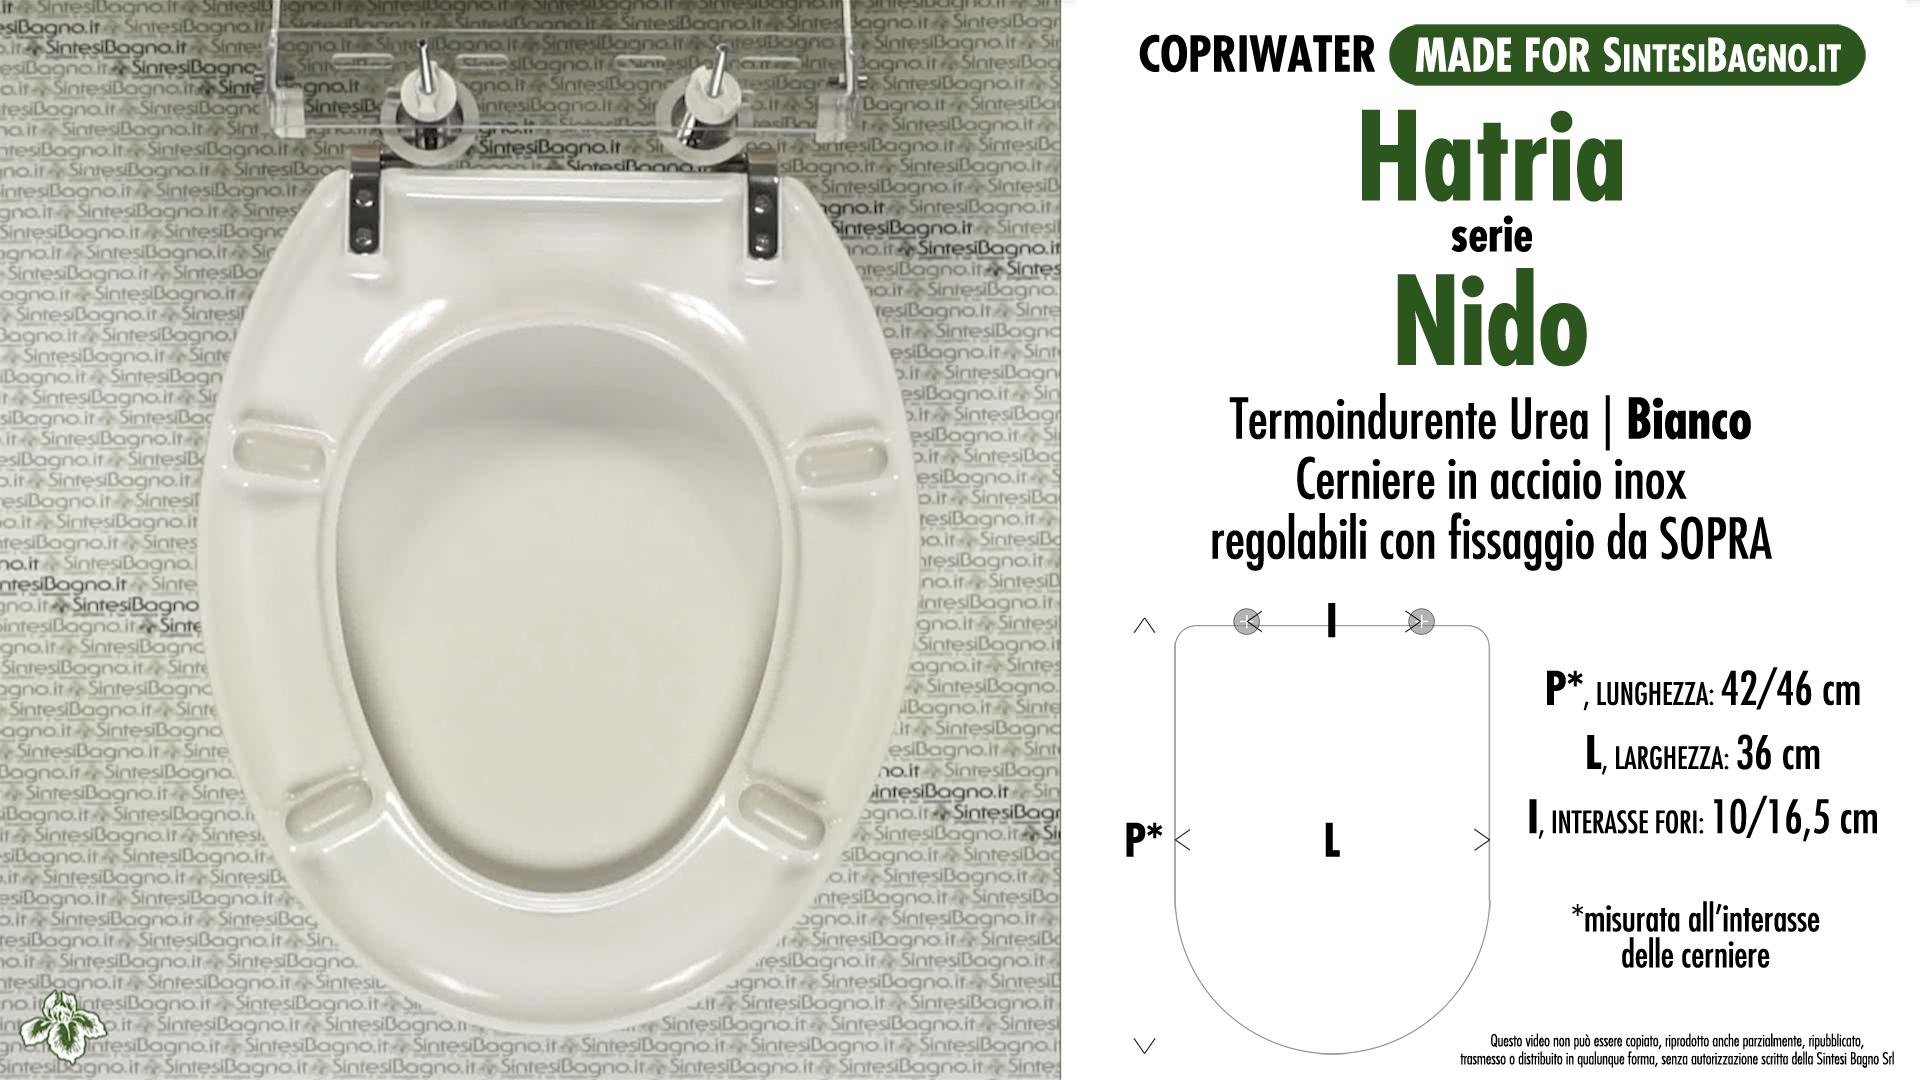 SCHEDA TECNICA MISURE copriwater HATRIA NIDO